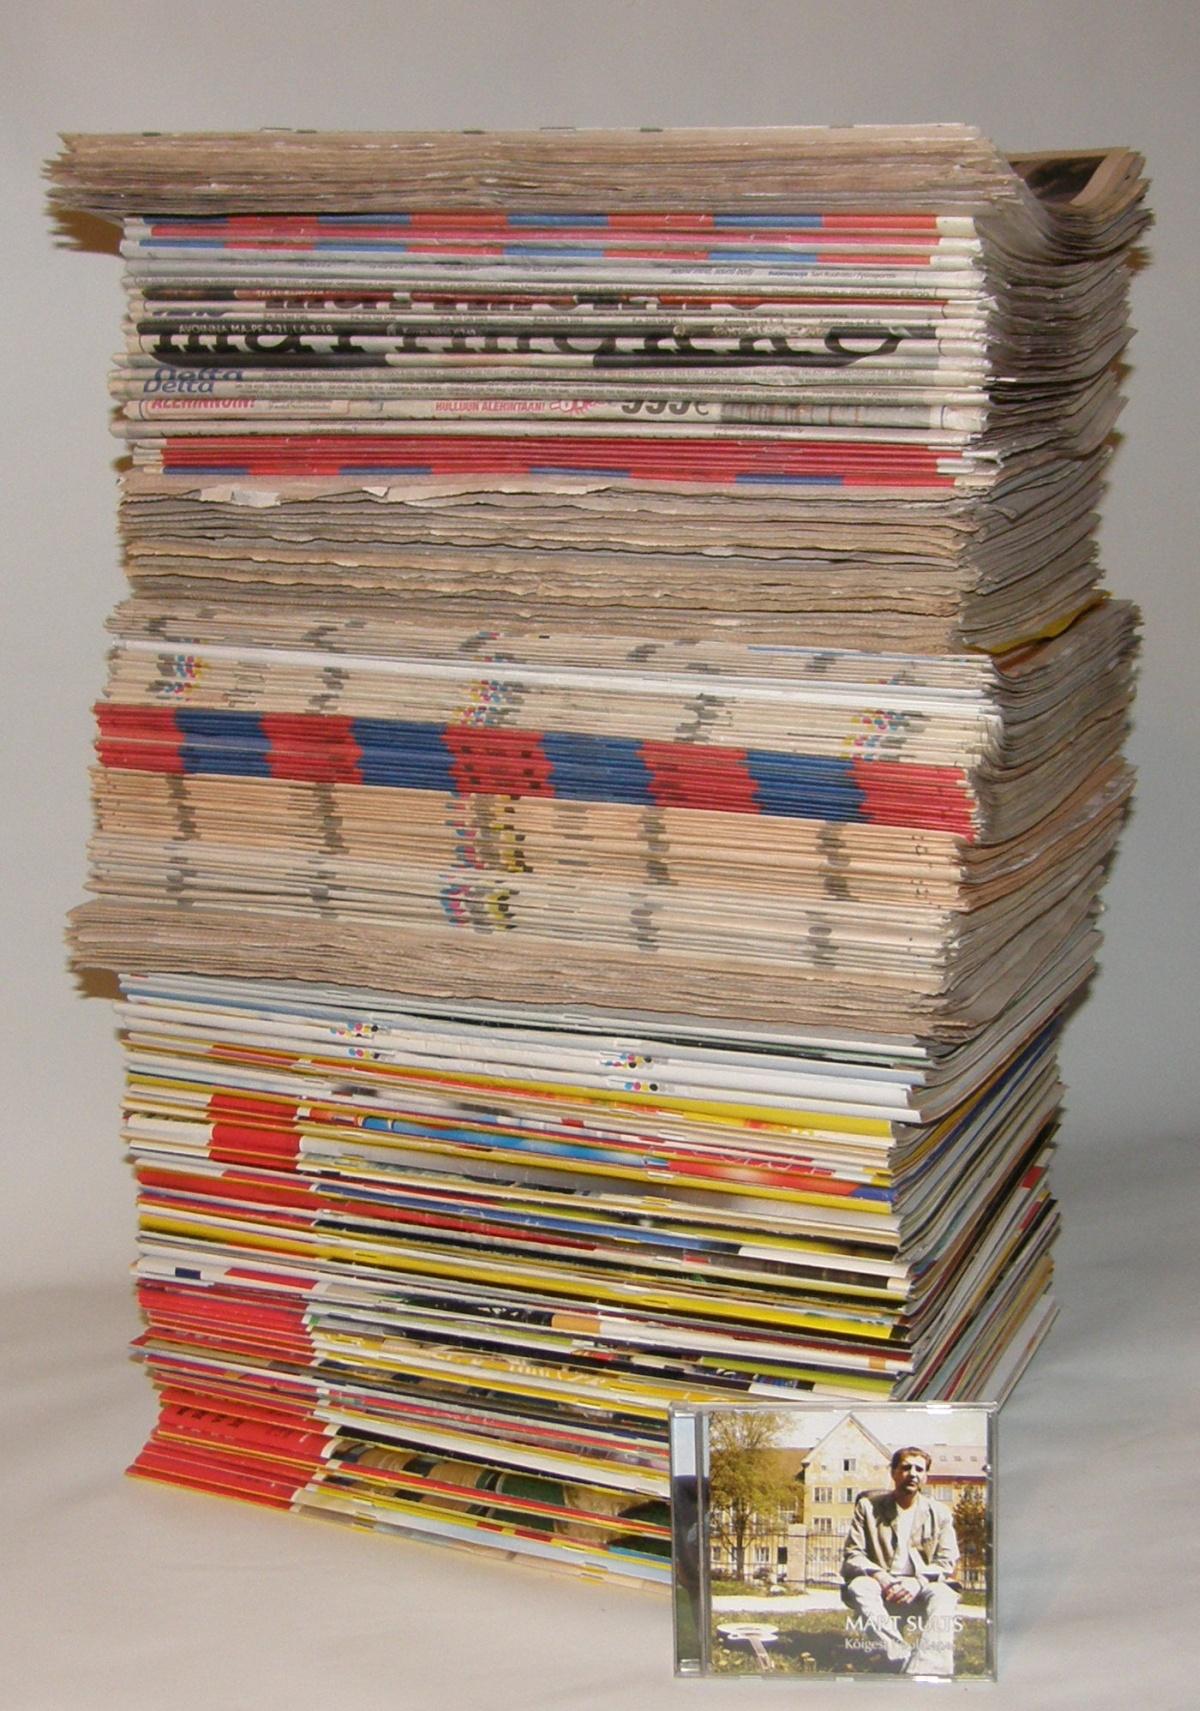 Ajalehtede tellimine on raha raiskamine. See virn on 62 cm kõrge, sisaldab 221 ajalehte ja nende kaanehind on 3733 krooni.